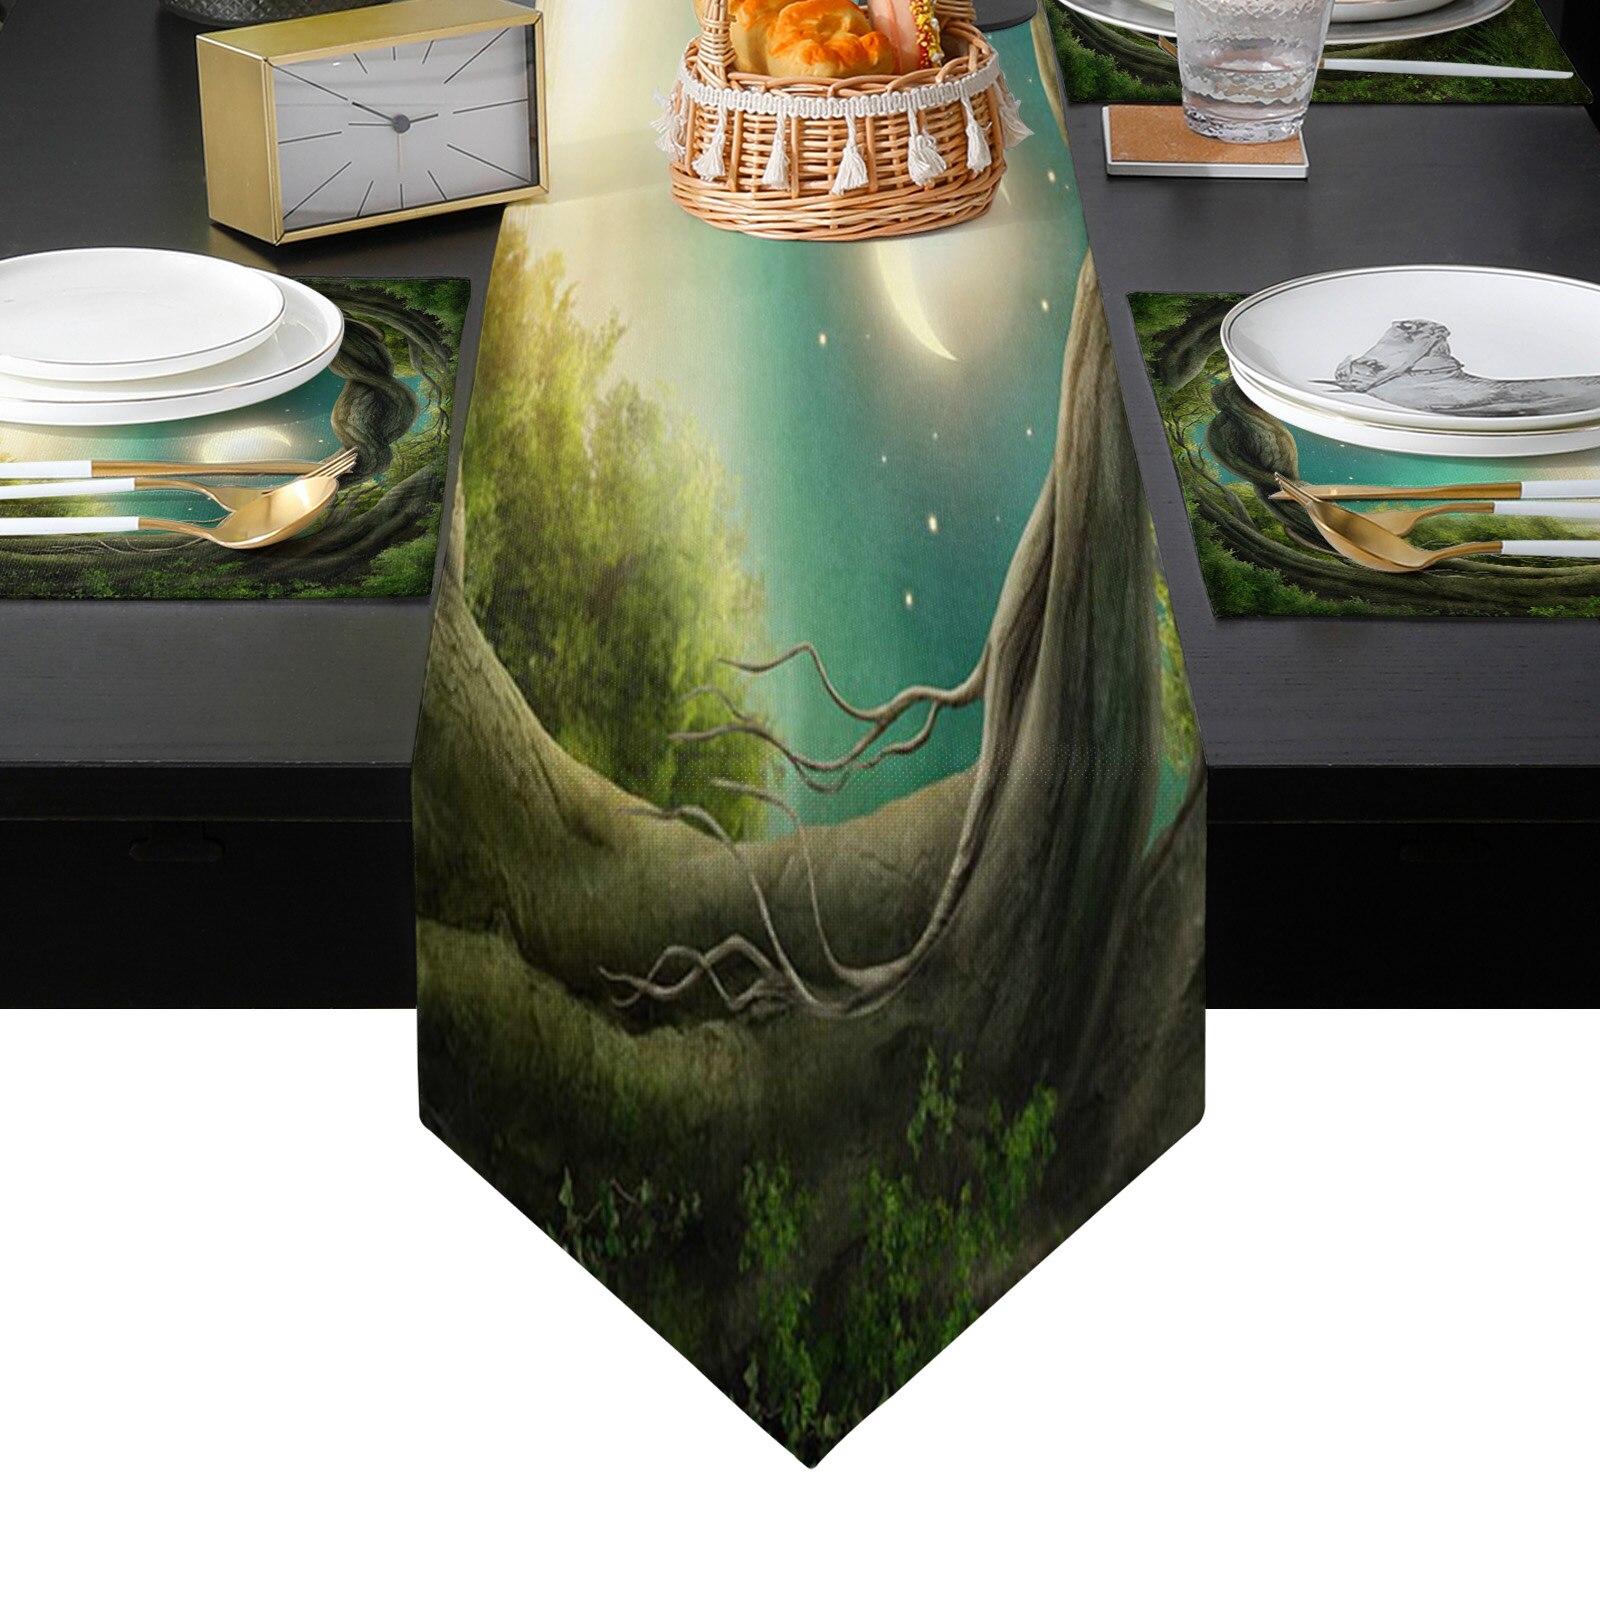 الغابة أربور وودز القمر الأخضر الجدول عداء المفارش مجموعة للمنزل المطبخ طاولة طعام حفل زفاف عطلة عشاء الديكور